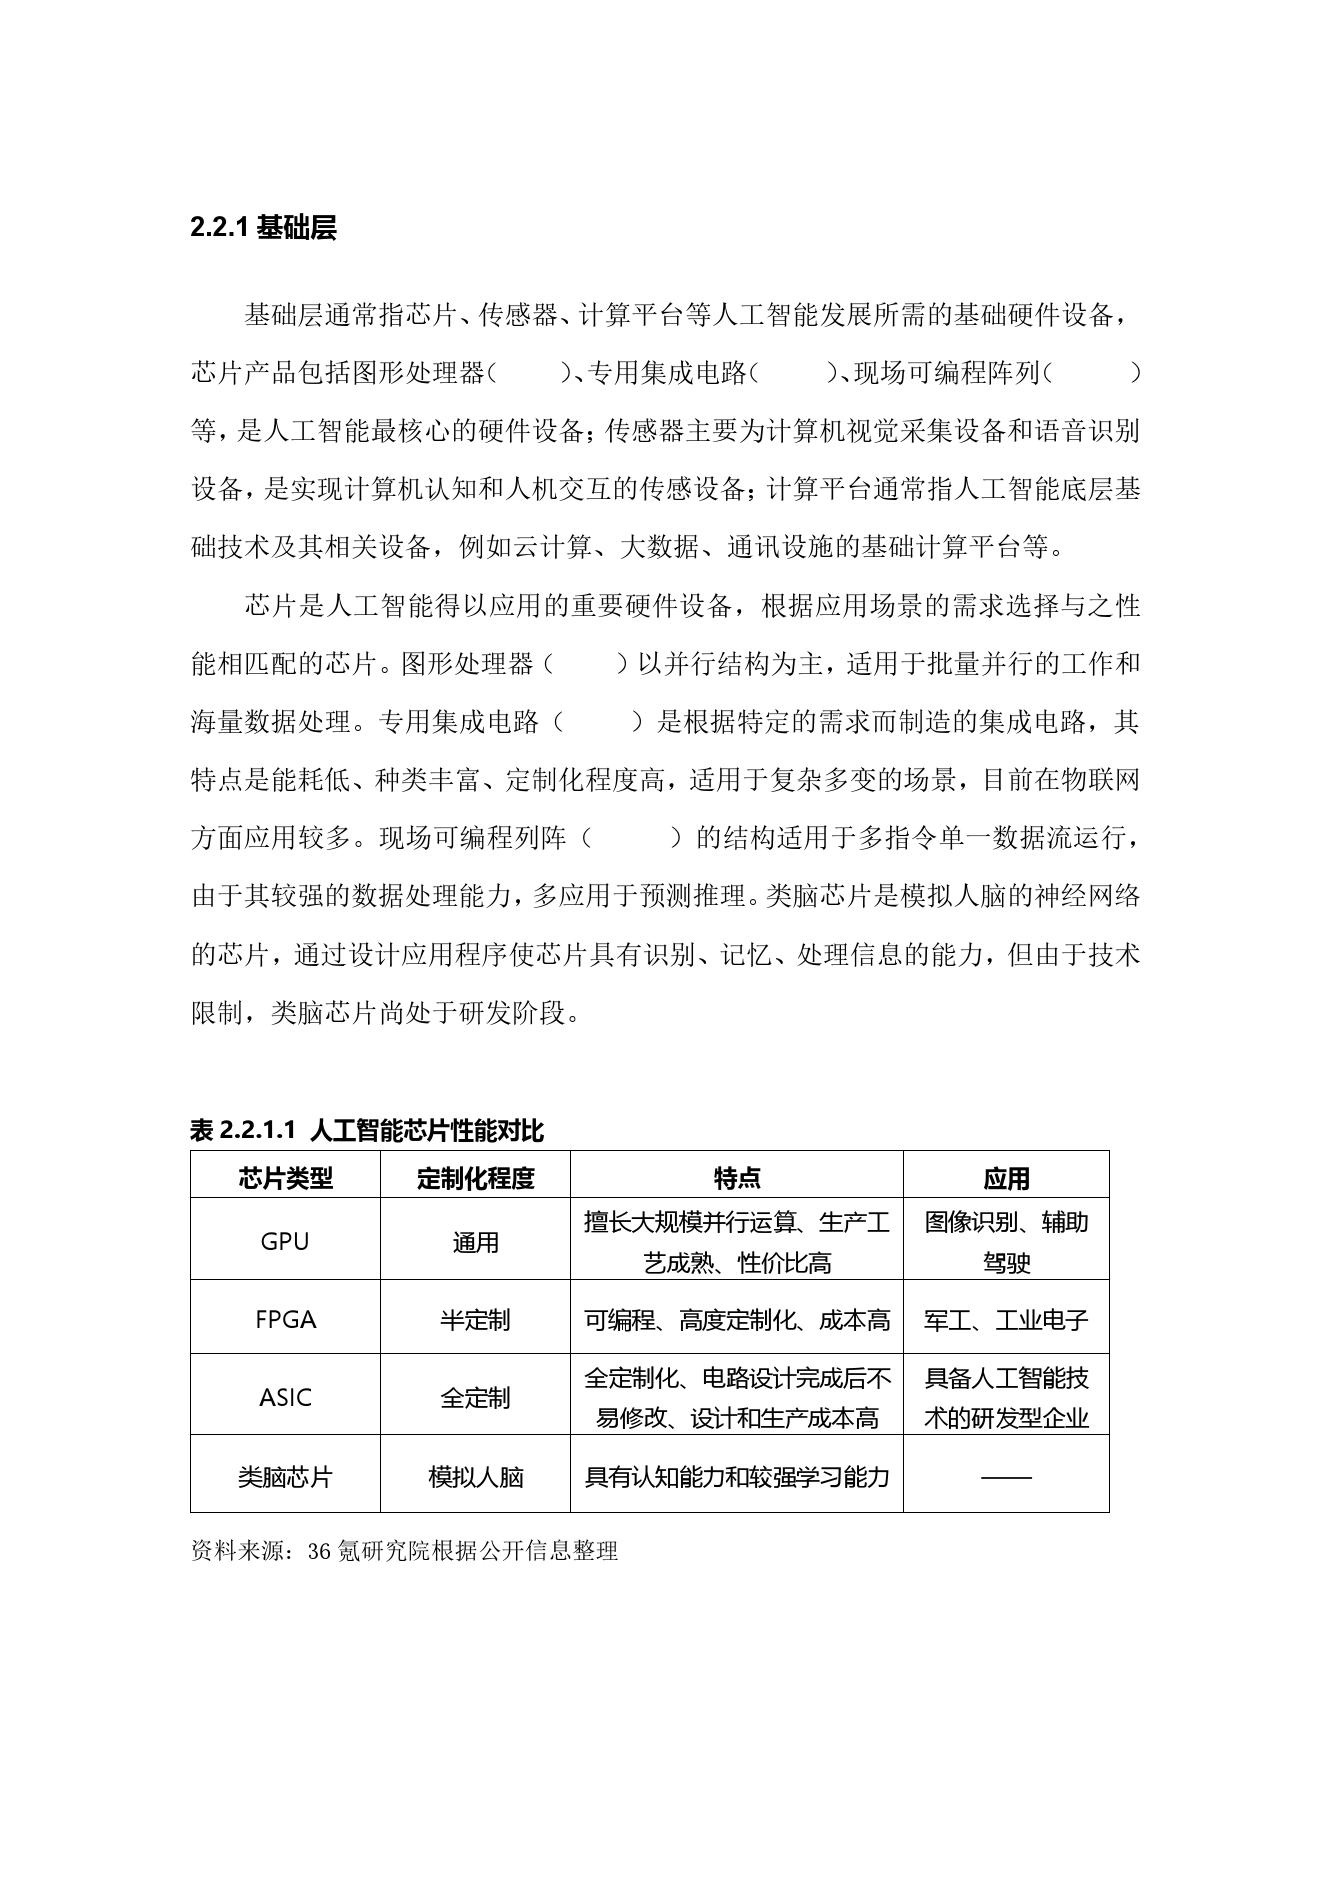 36氪研究院:2020年中国城市人工智能发展指数报告(可下载报告)插图(29)